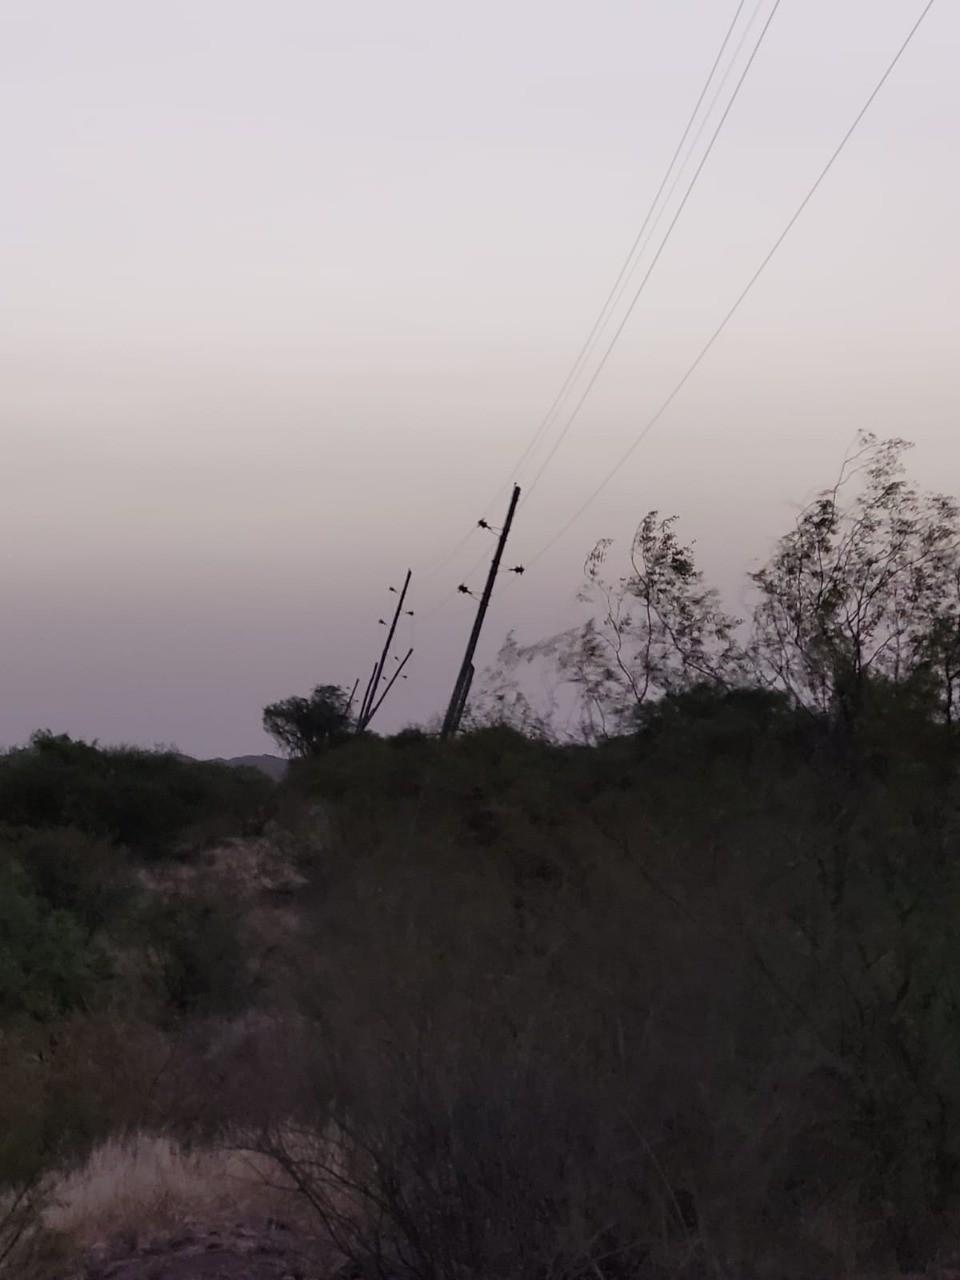 Los fuertes vientos afectaron de manera parcial el servicio eléctrico en Capital, Chilecito, Famatina y Felipe Varela